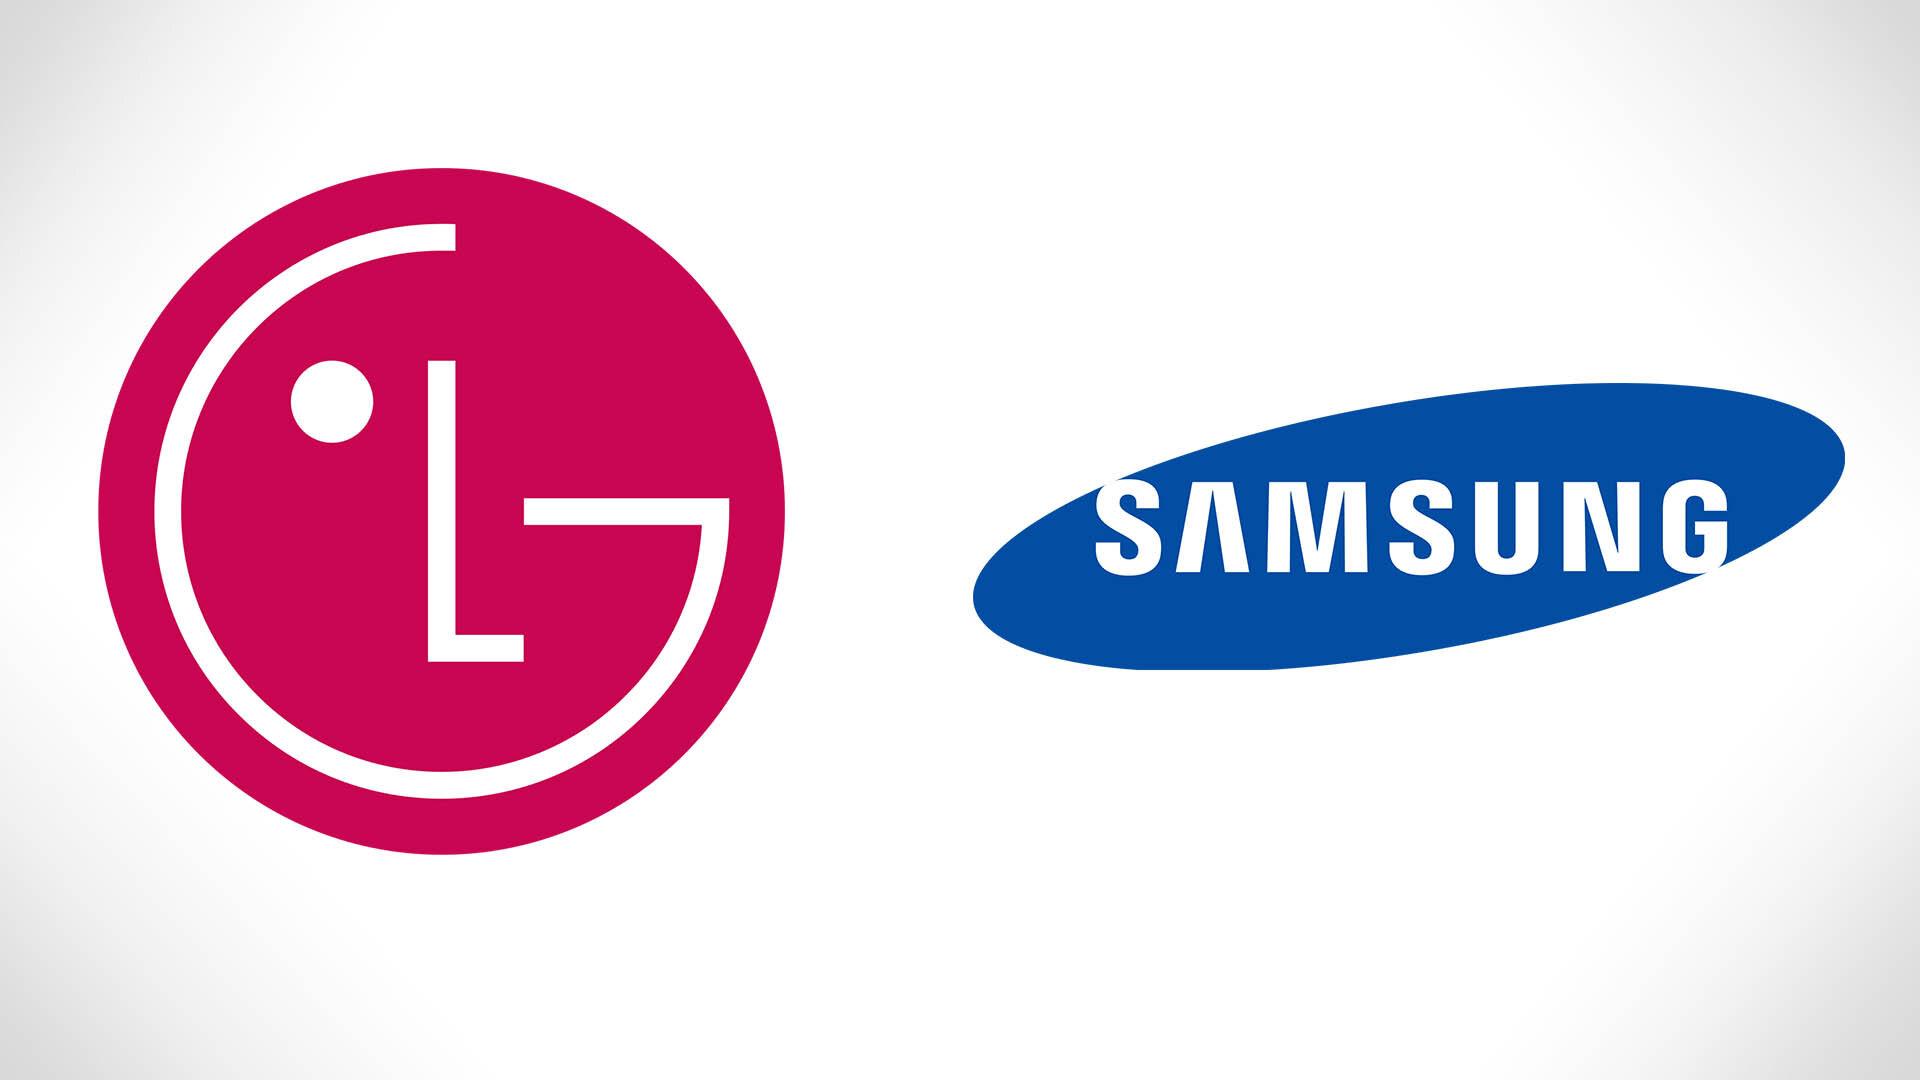 Samsung và LG là hai thương hiệu nổi tiếng đến từ Hàn Quốc